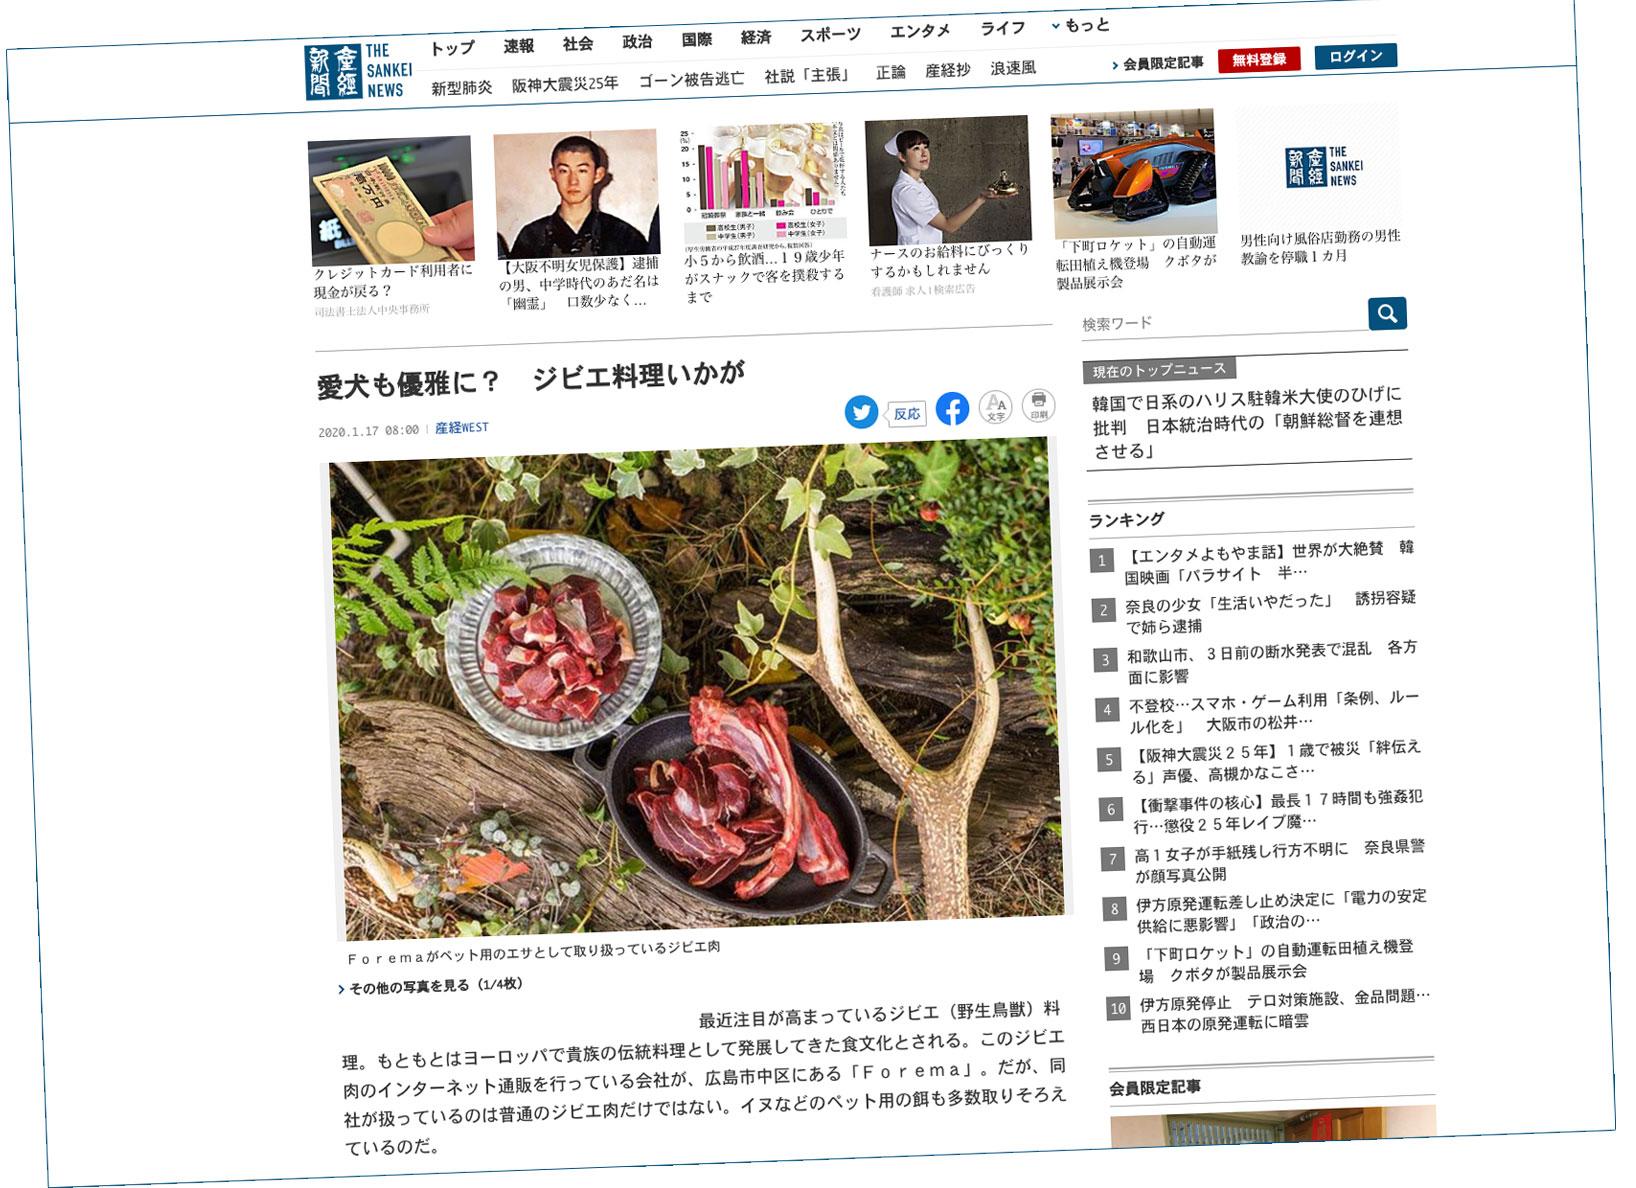 産経新聞 Forema